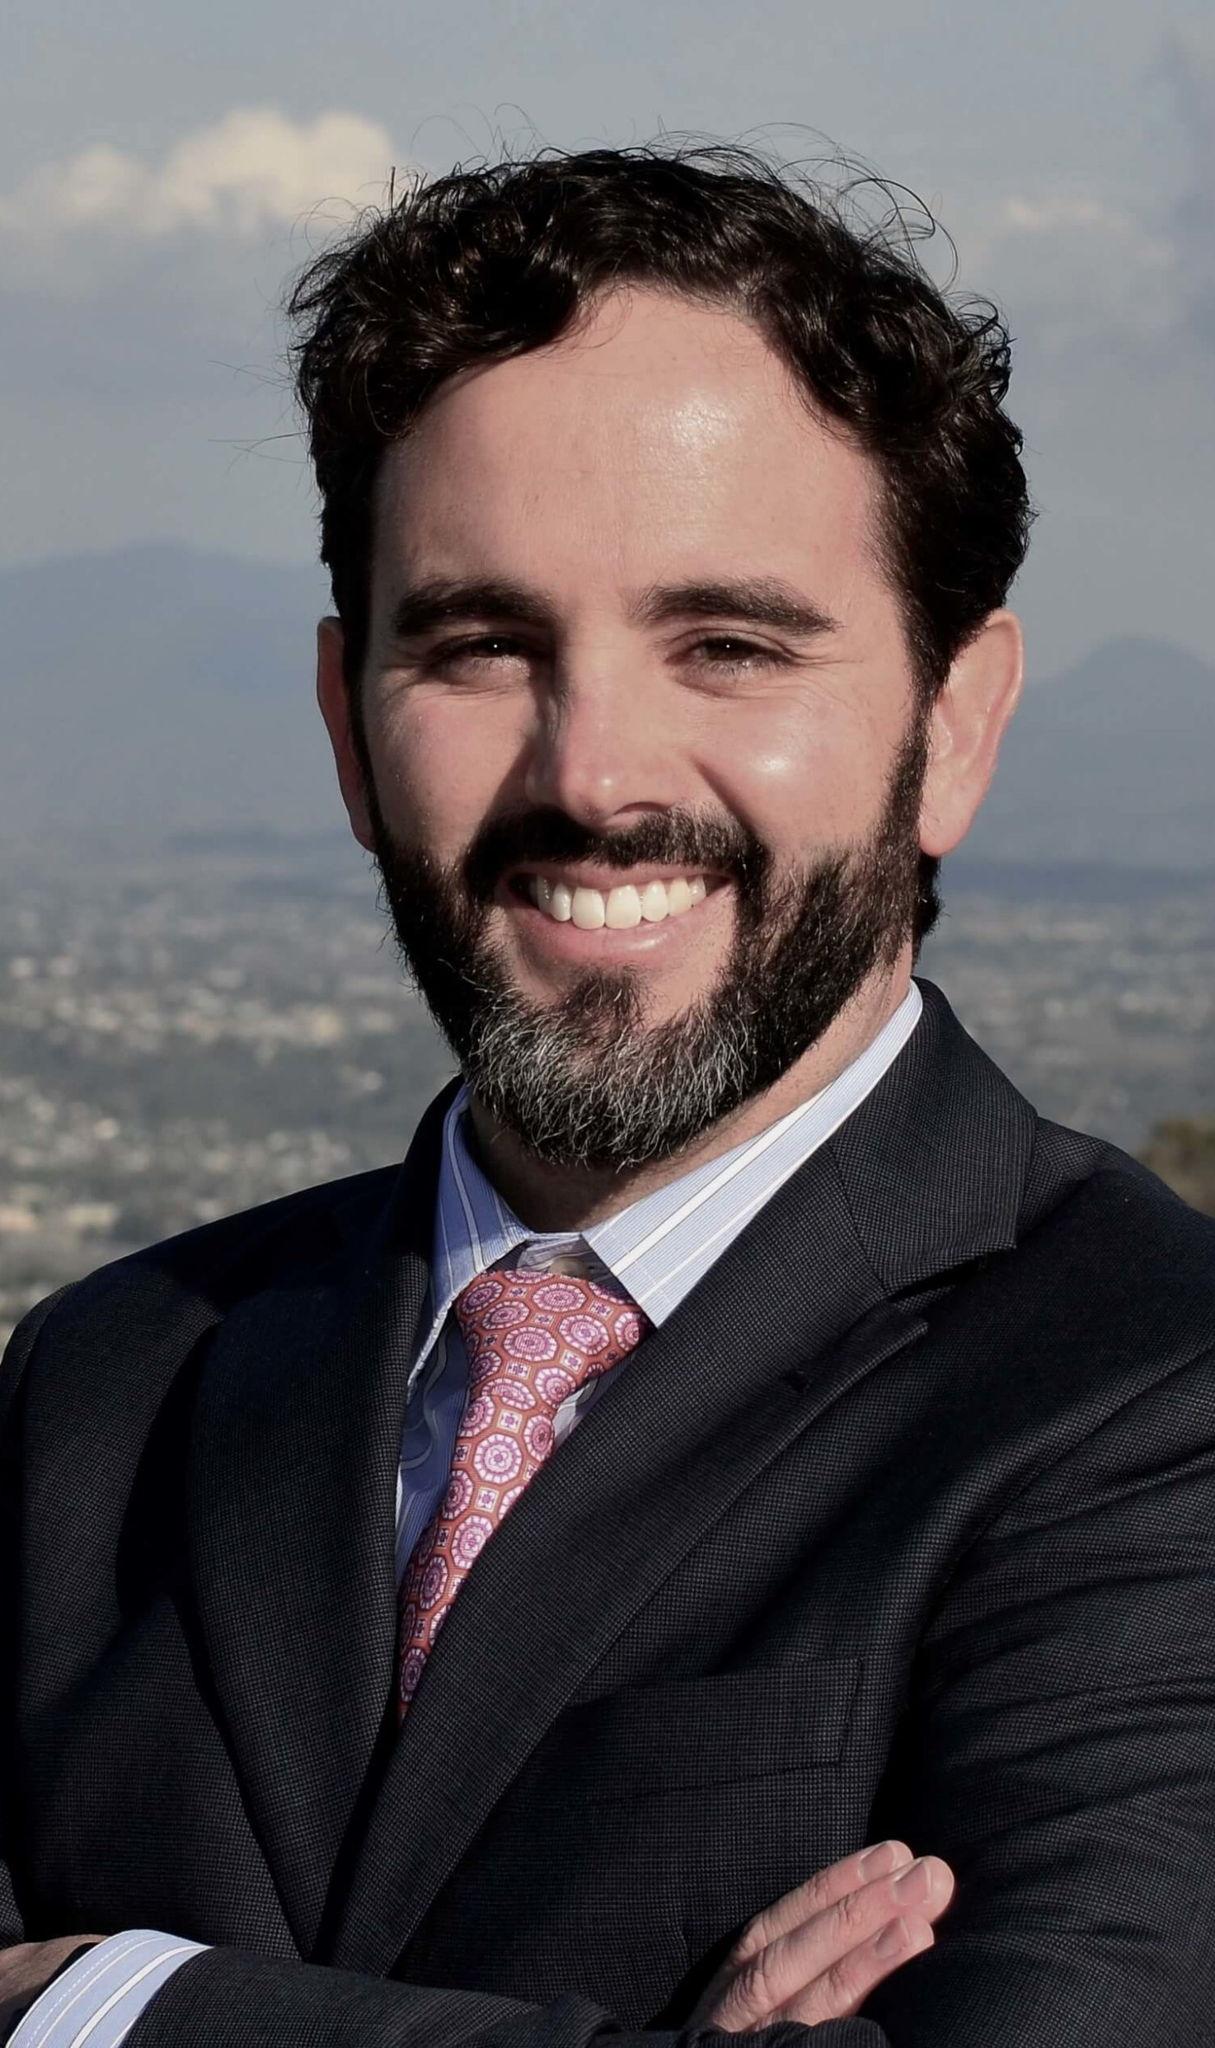 Shawn Kennedy